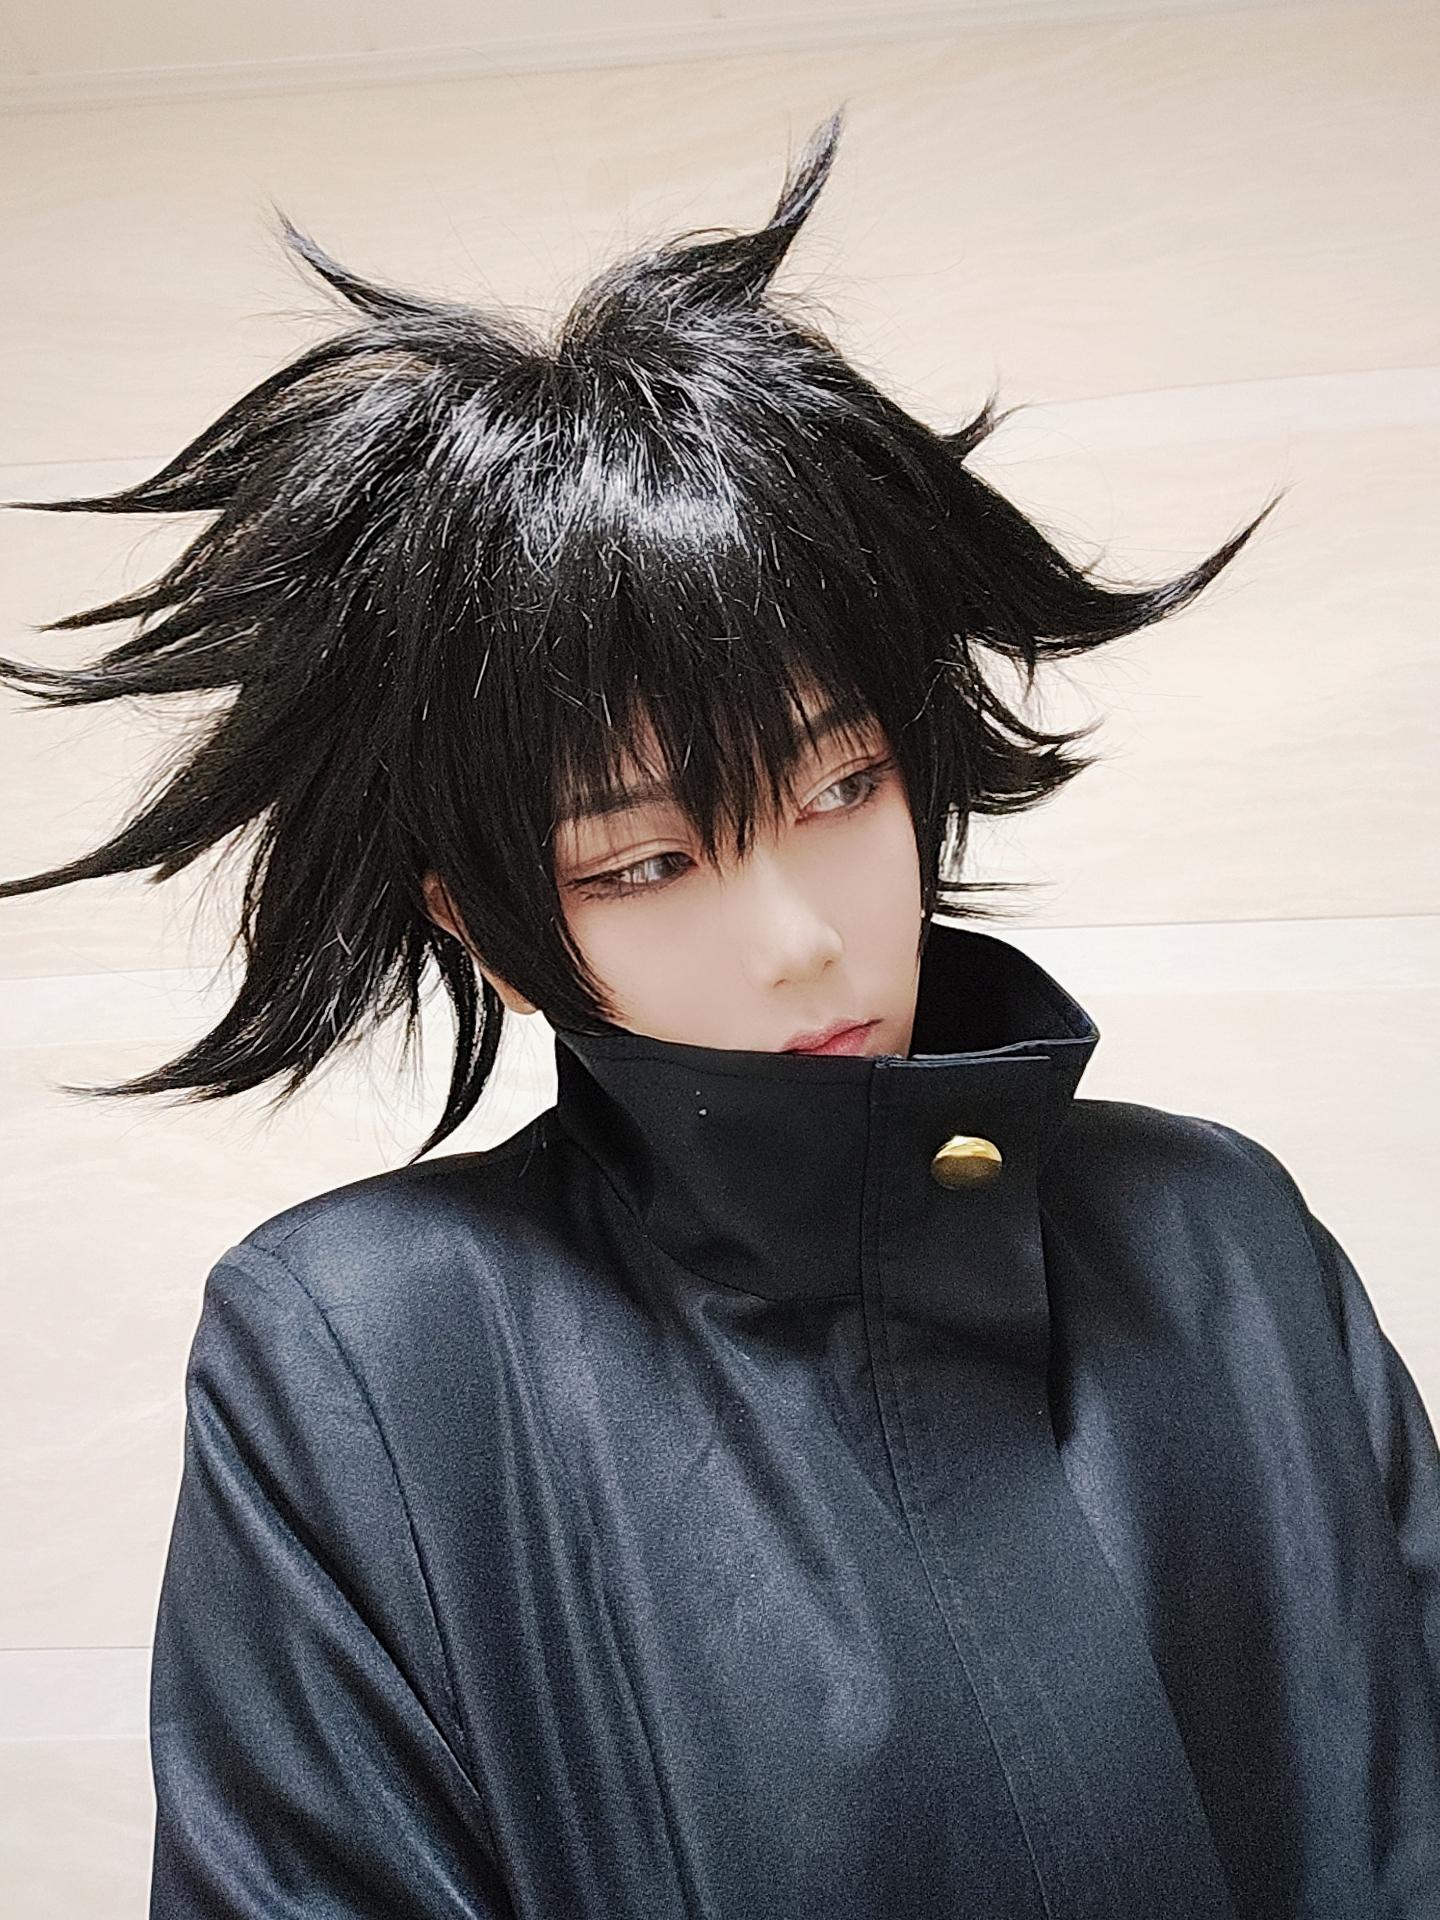 《咒术回战》挑战cosplay【CN:kira雨轩】-第4张